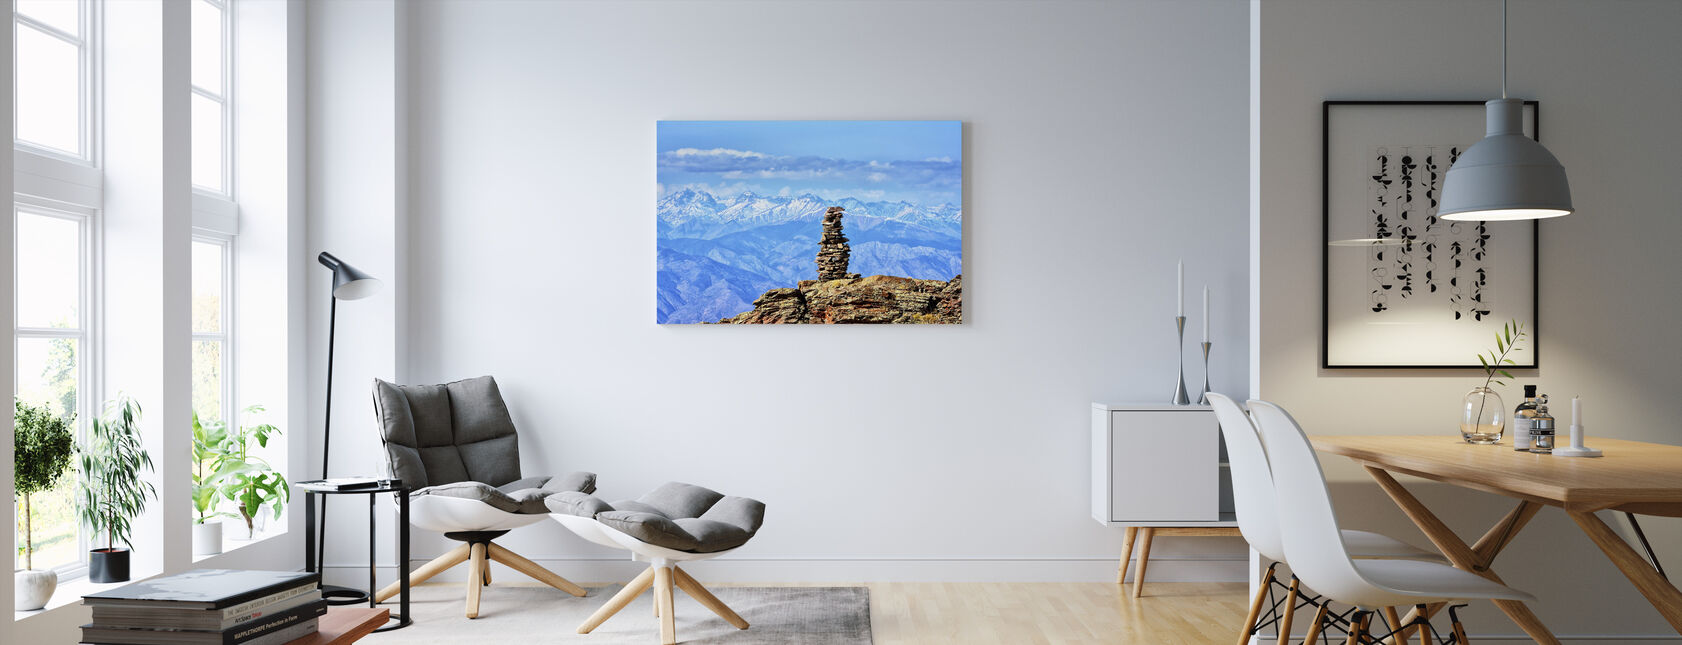 Vuoren ylämailla - Canvastaulu - Olohuone